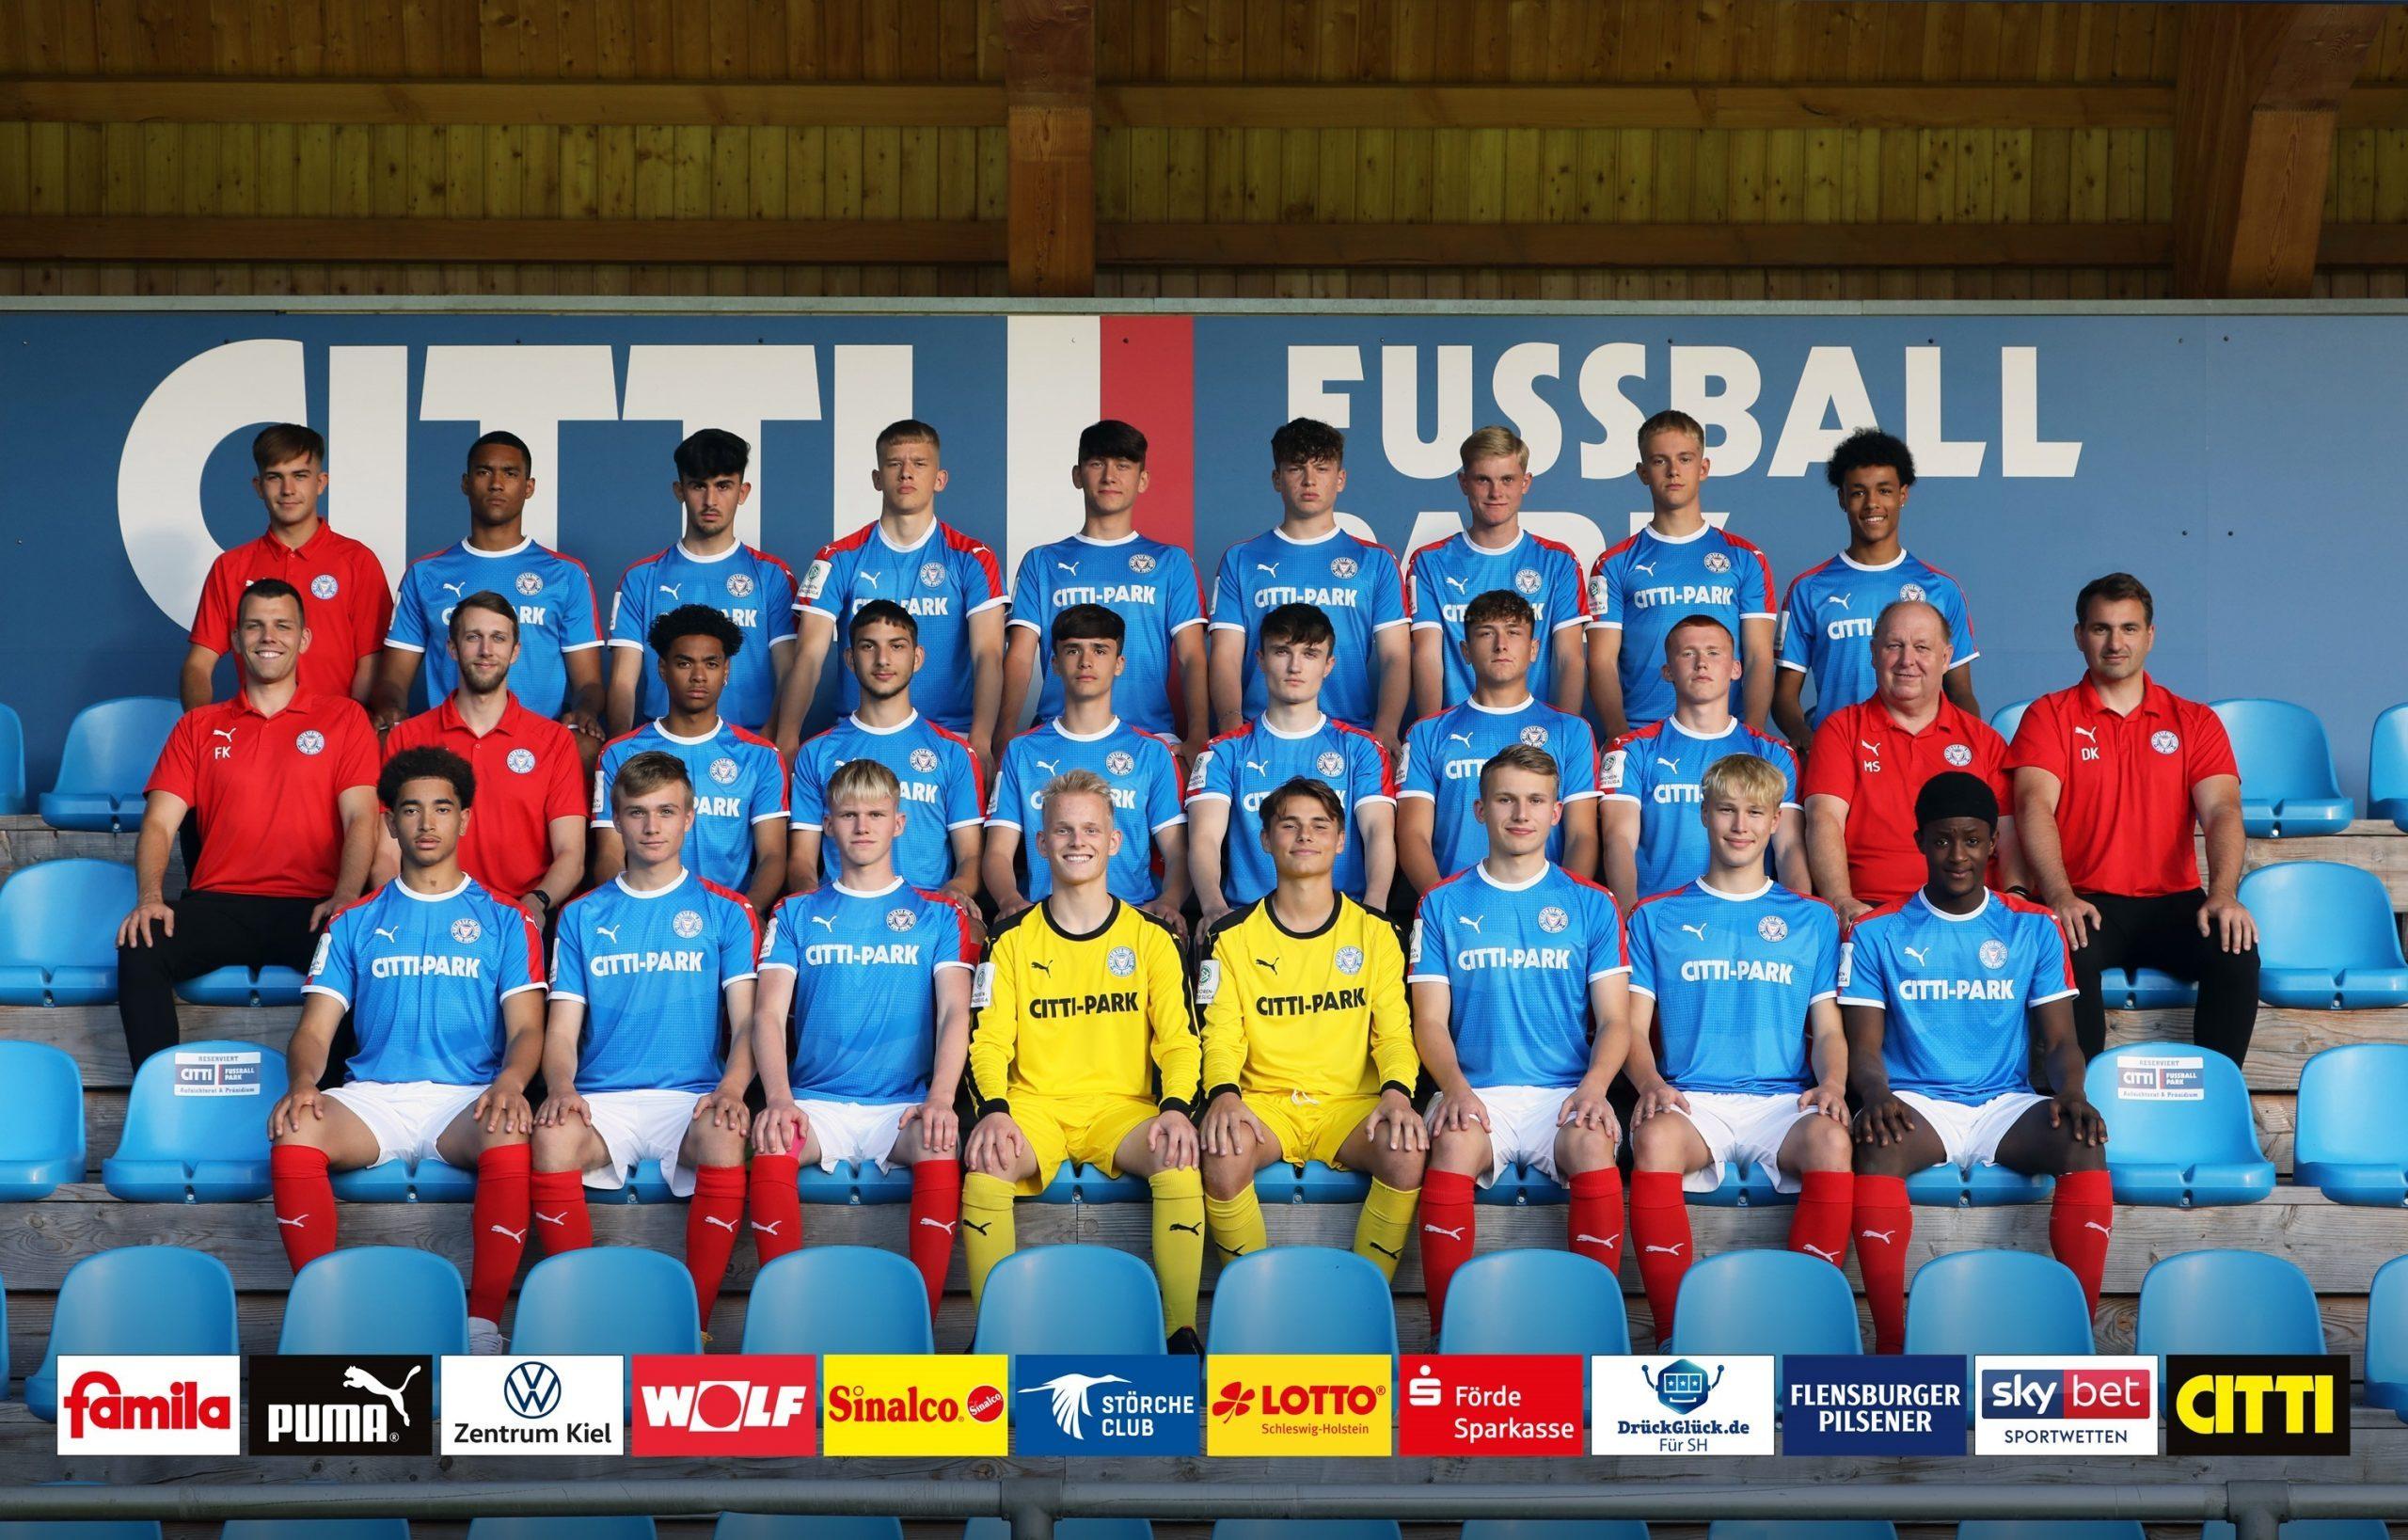 Holstein_Teamfoto_U17 mit Werbebande